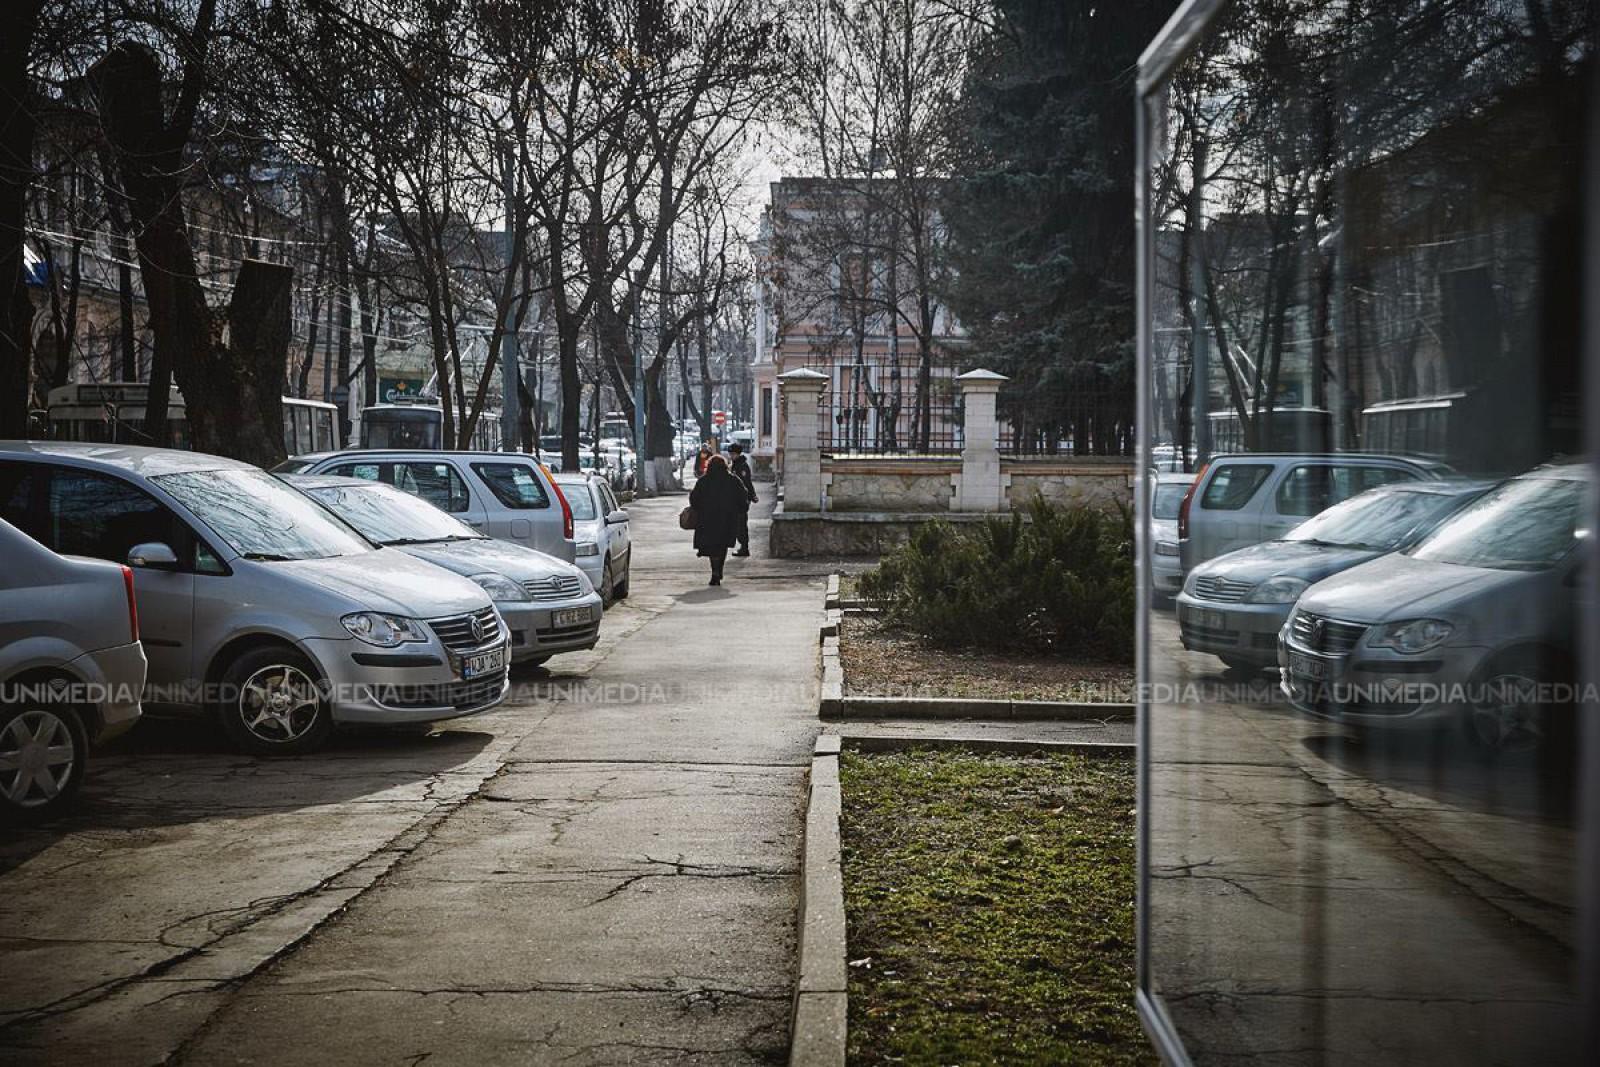 (foto) Proprietarul a rămas şocat! Iată ce i s-a întâmplat cu maşina, peste noapte, în cartierul Telecentru